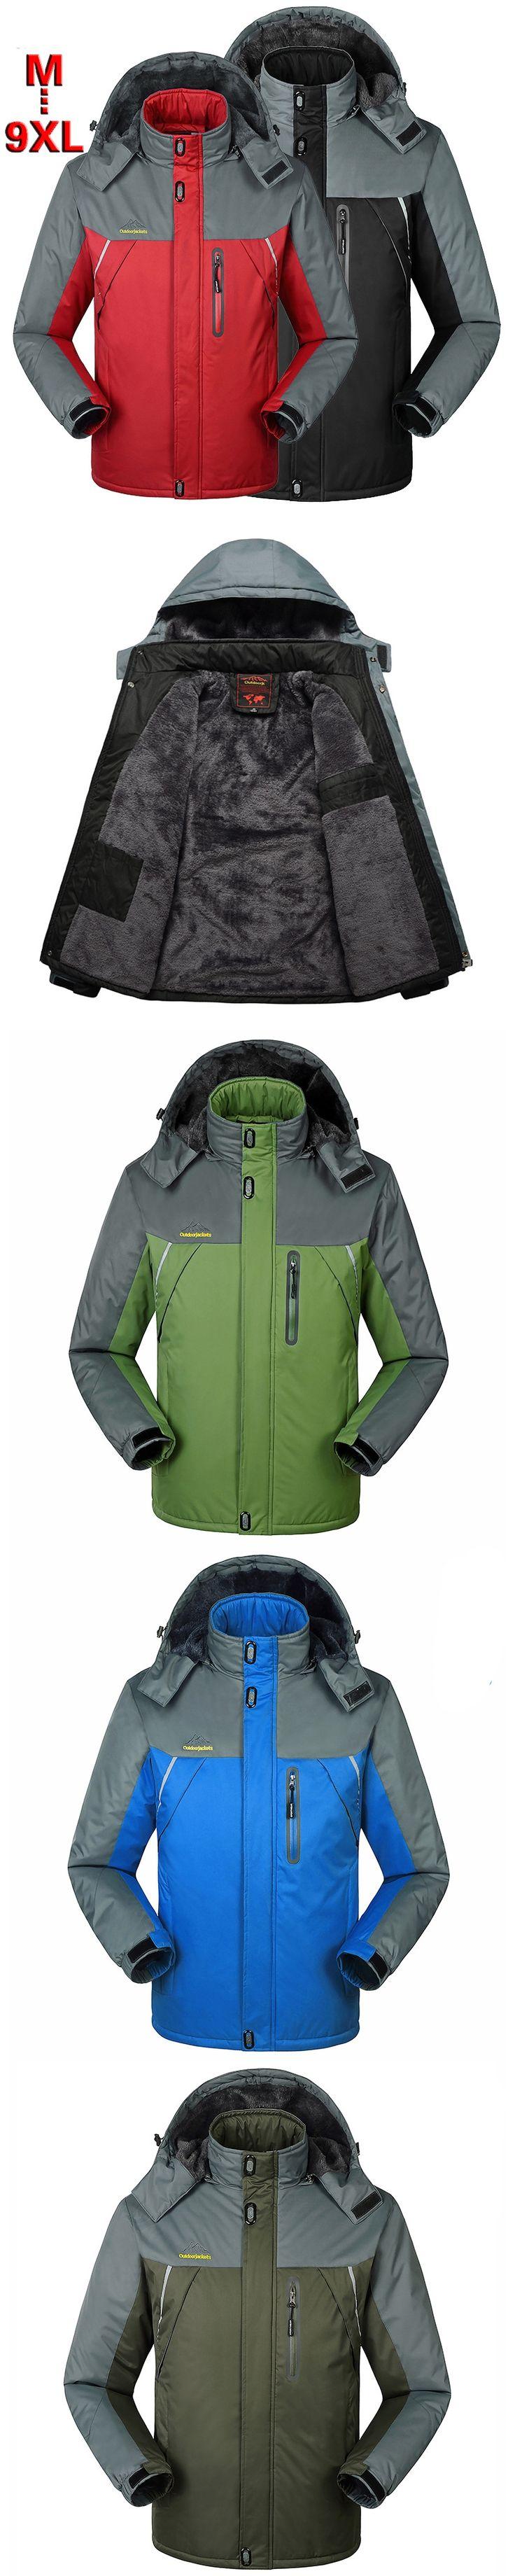 Mens Jacket Outwear Windbreaker Waterproof Parka warm coat men outerwear windproof jackets sportswear 7XL 8XL 9XL,YA366